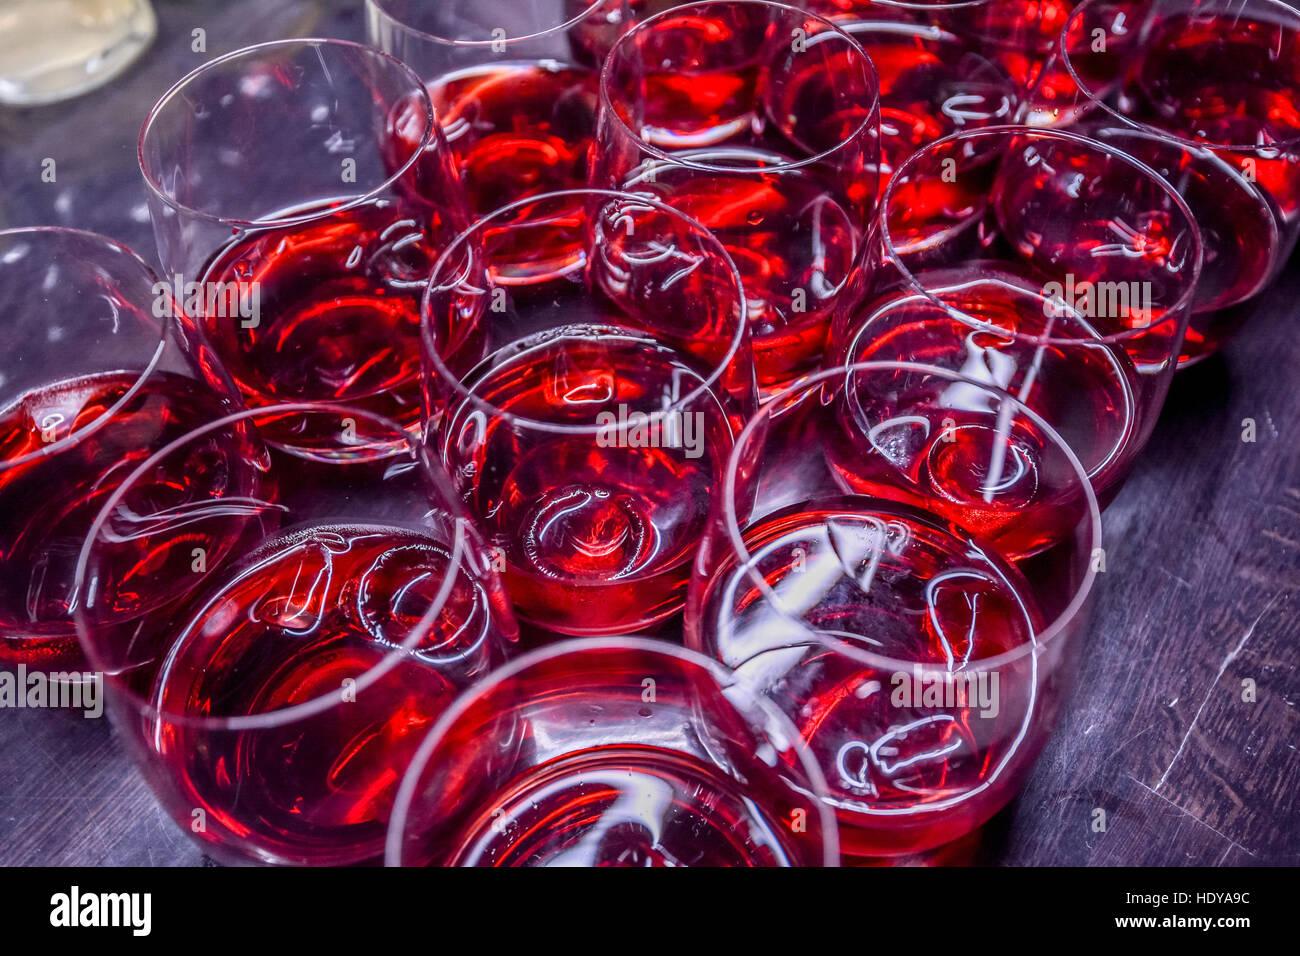 Molte bevande alcoliche con crainberries Immagini Stock